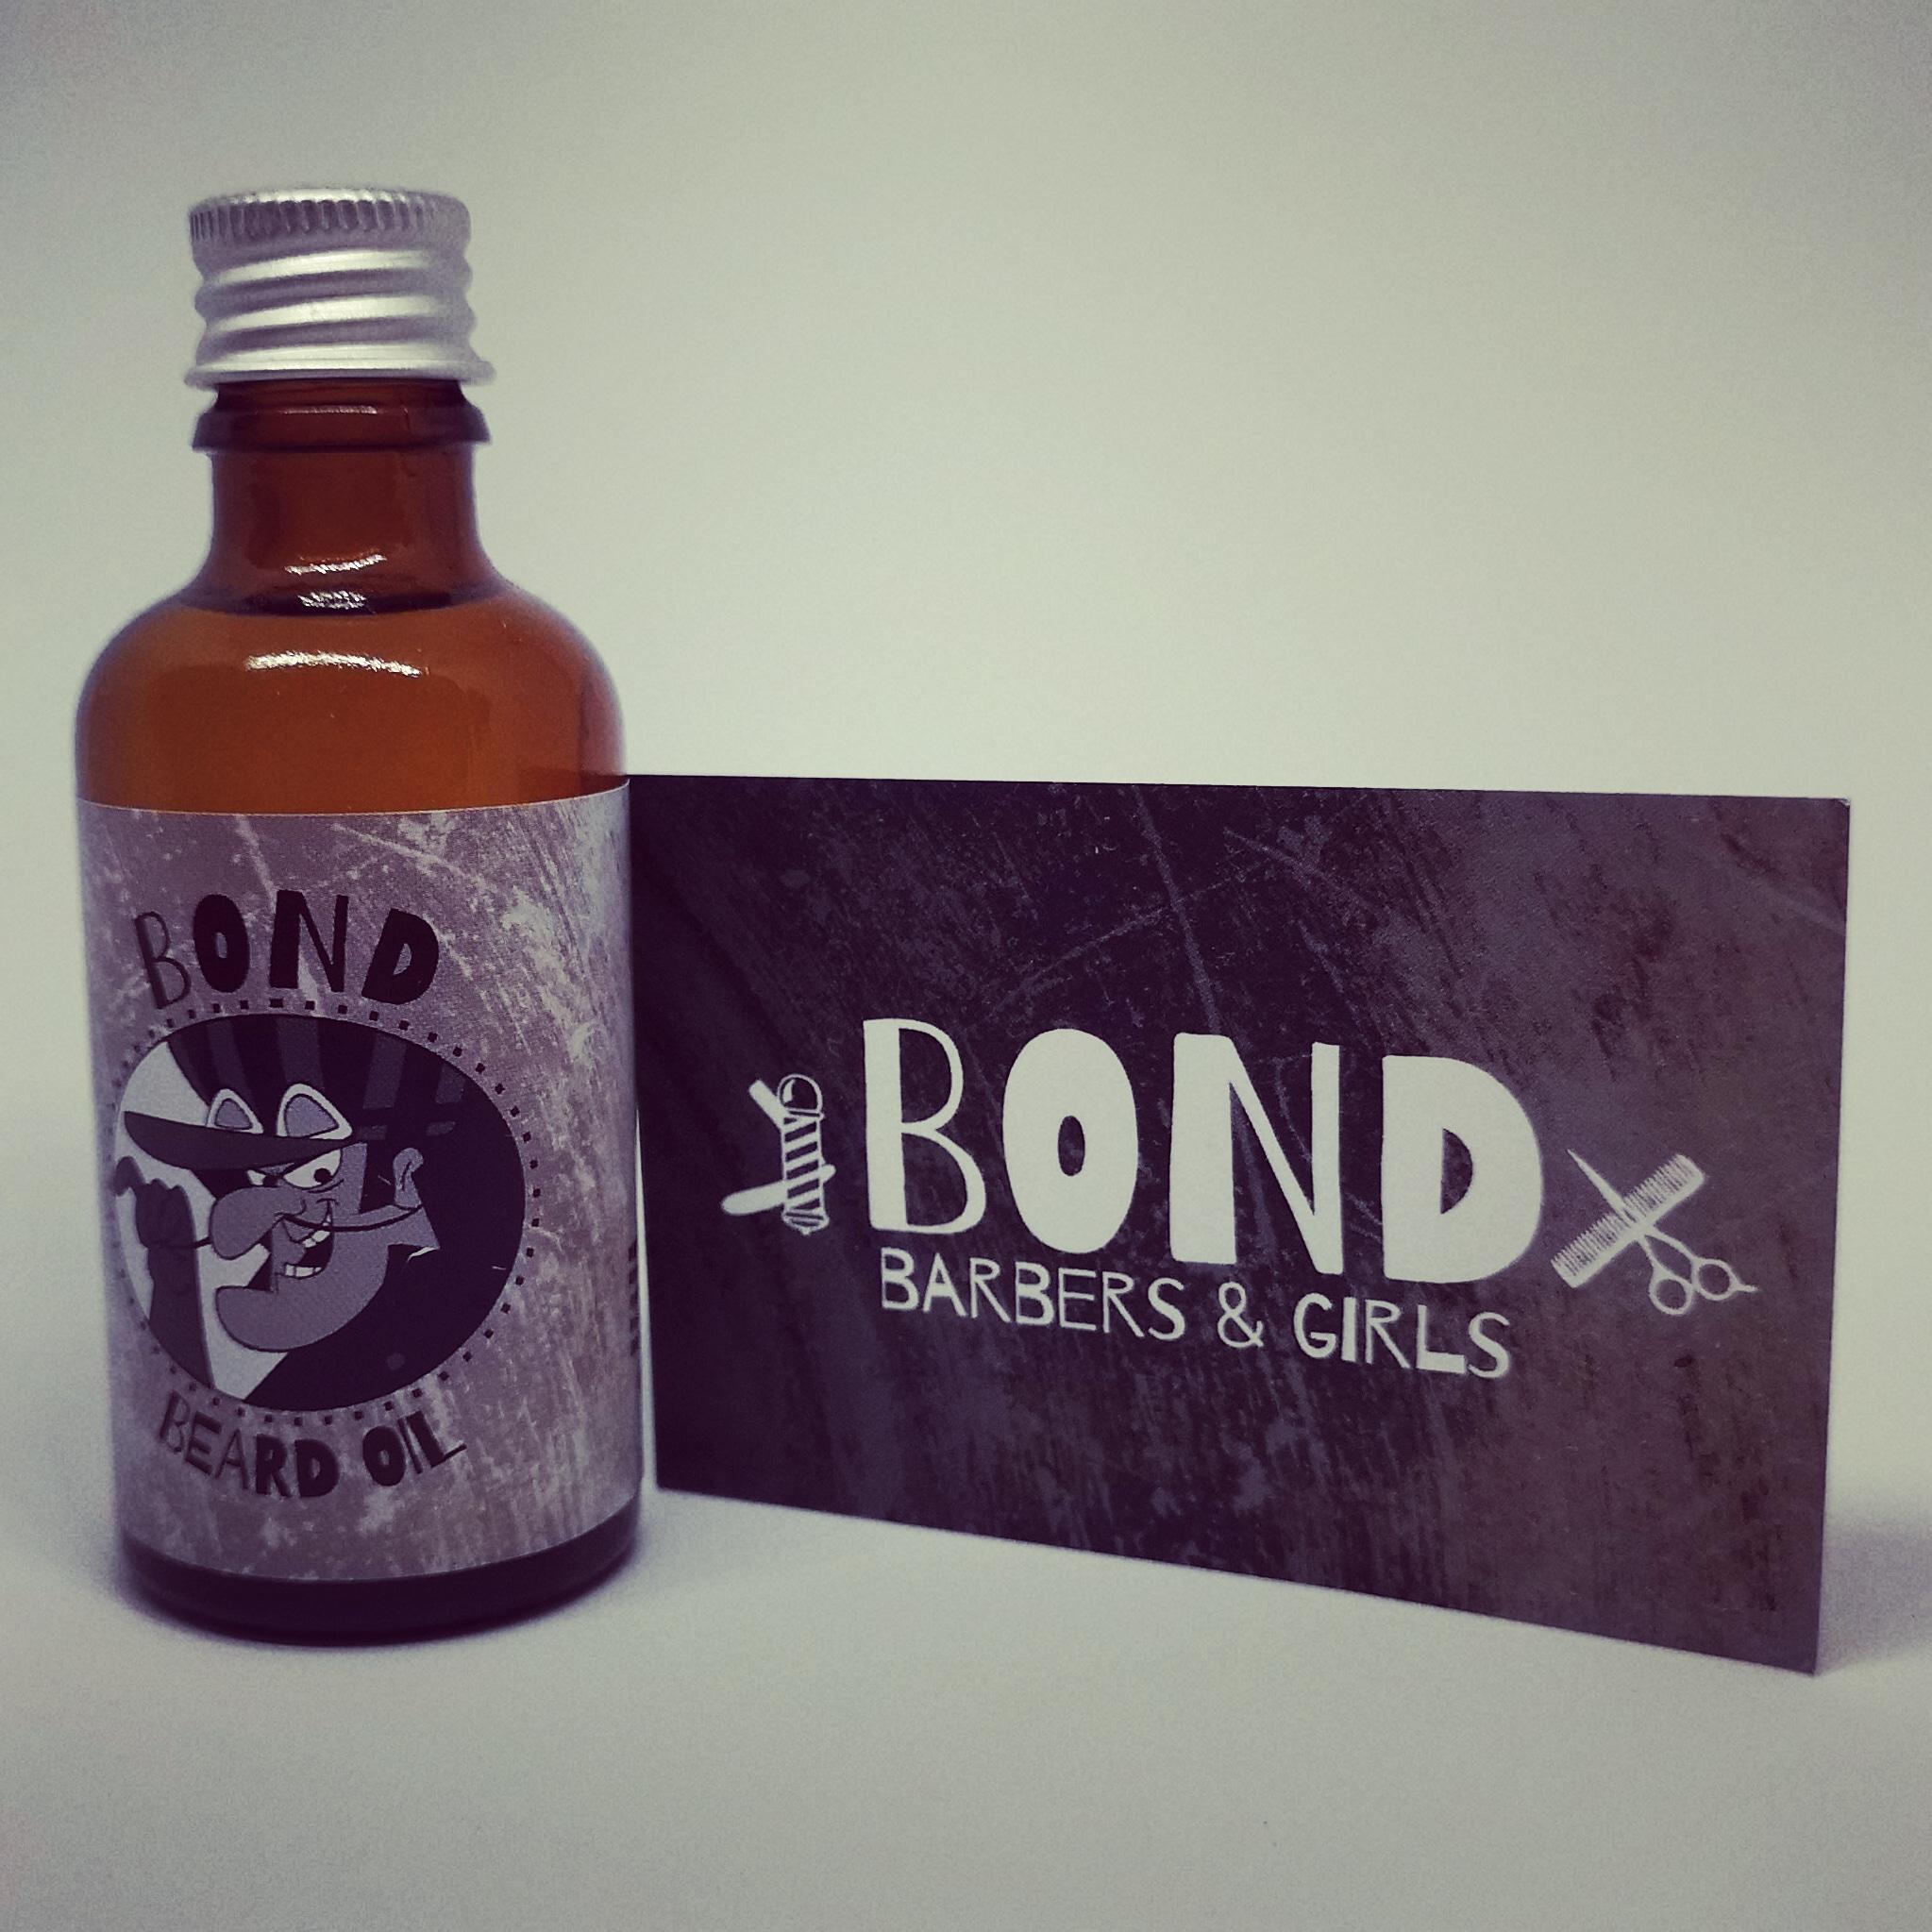 MASTROINCHIOSTRO_tipografia_studio_grafico_145_logo_brand_bond_barber